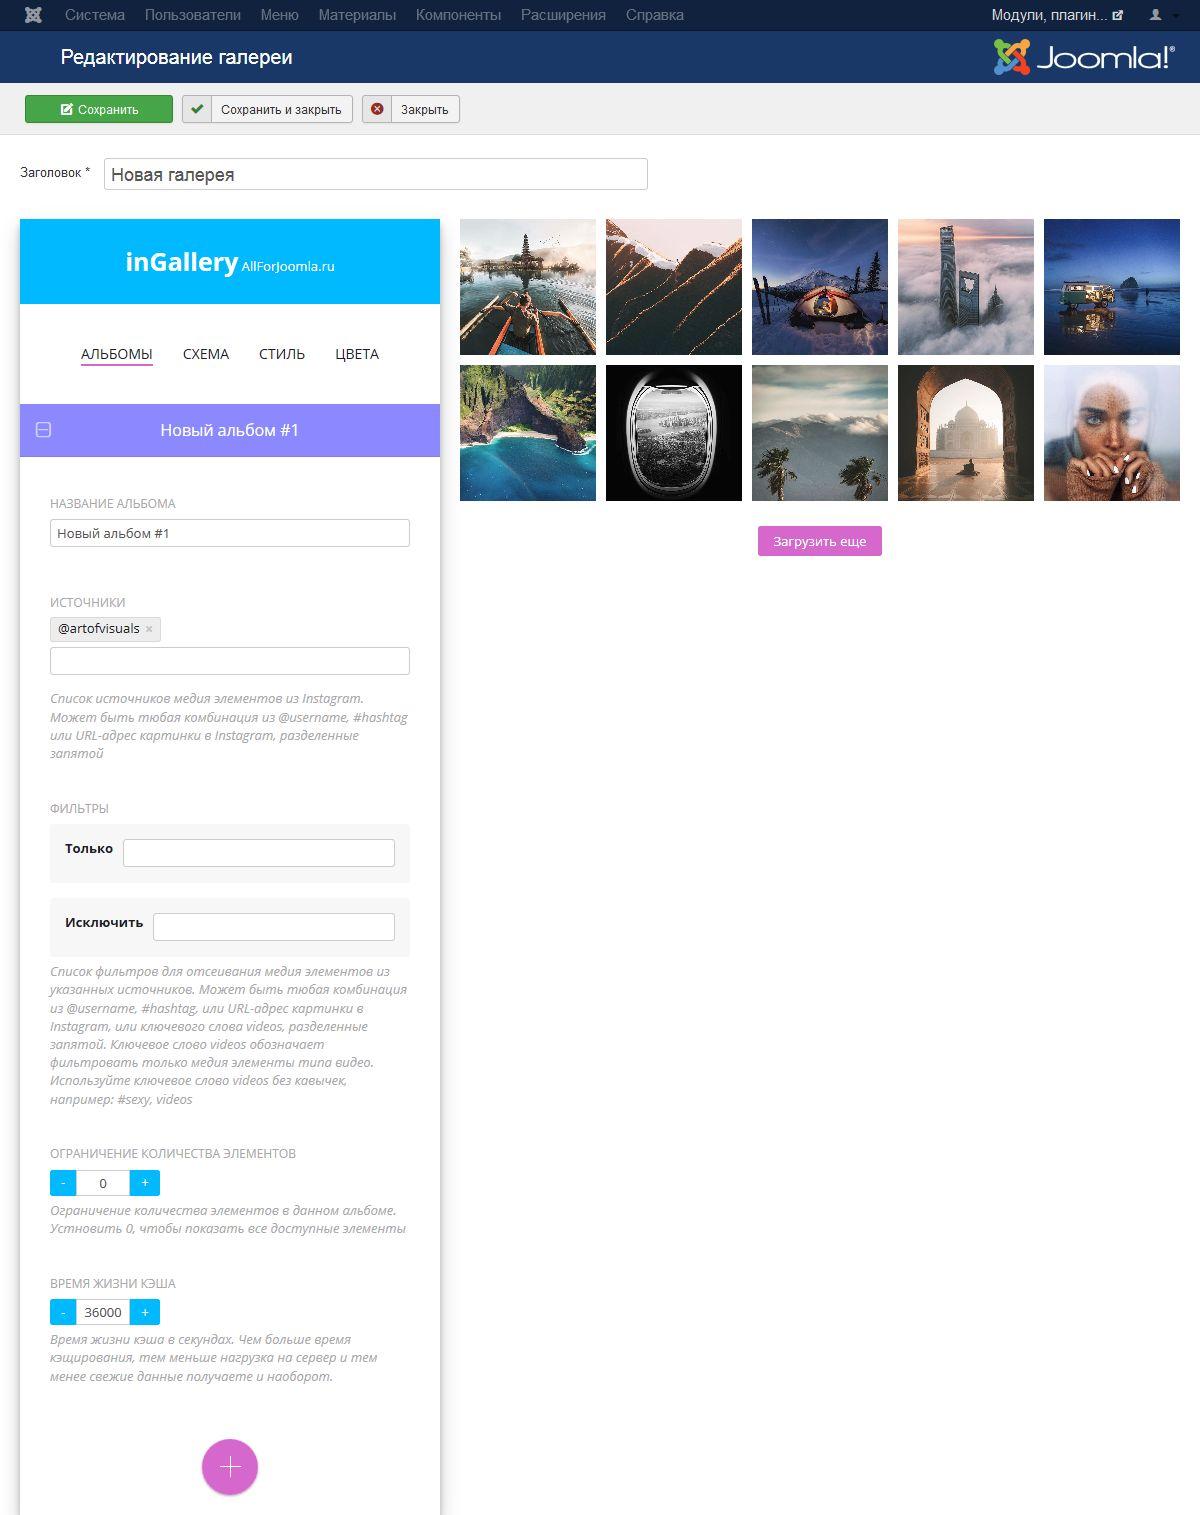 Сделать на своем сайте галерею как сделать электронный журнал на сайте